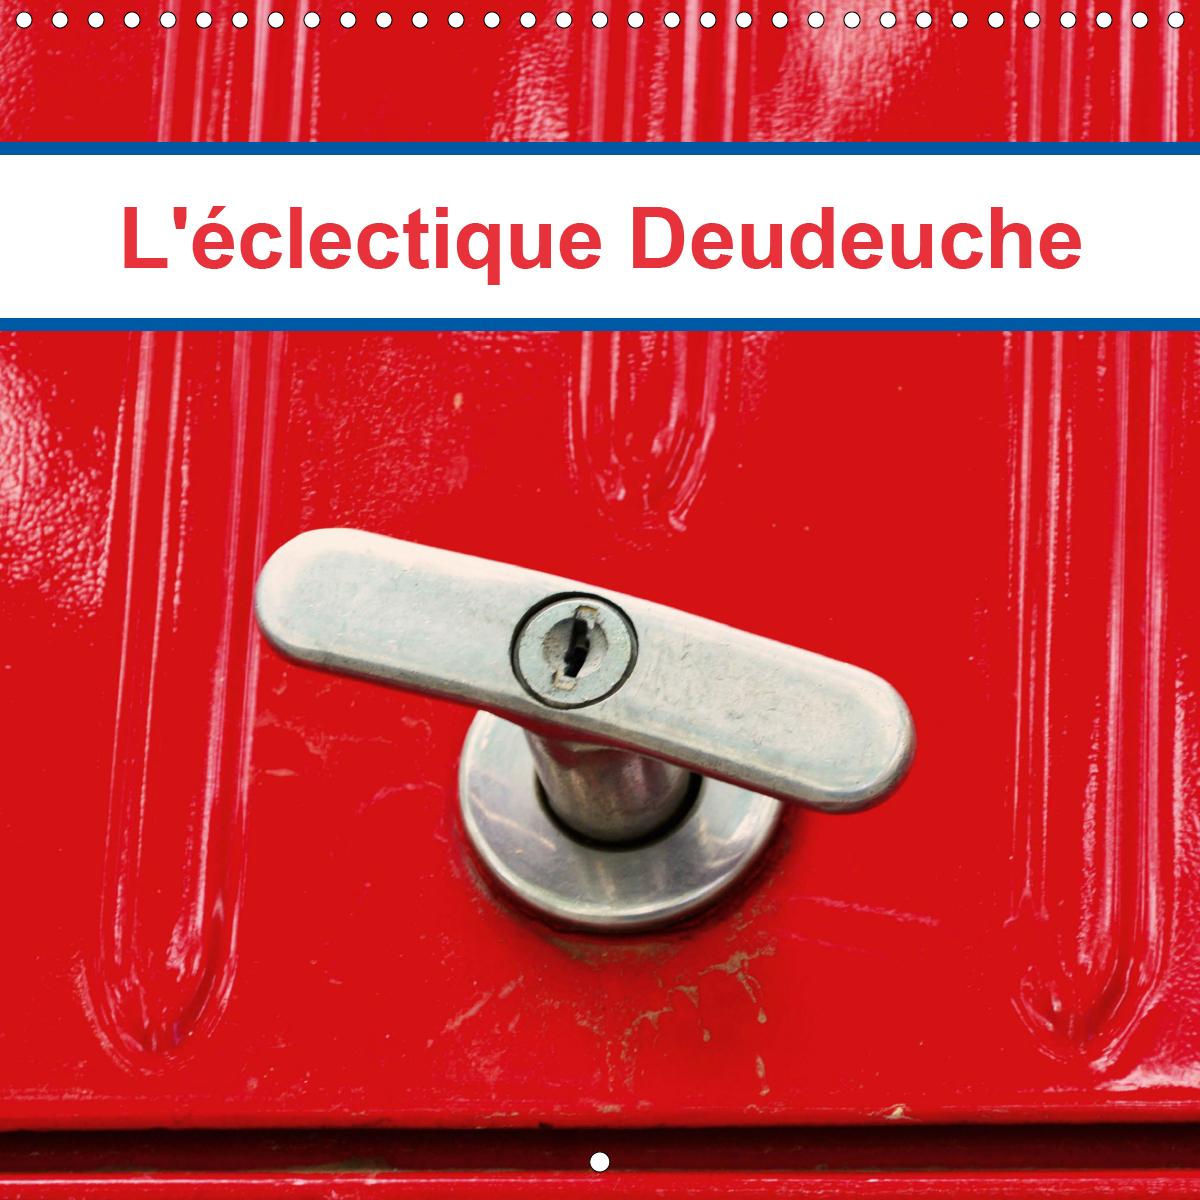 L'ECLECTIQUE DEUDEUCHE (CALENDRIER MURAL 2020 300 * 300 MM SQUARE) - QUELQUES DETAILS DE CET UNIVERS